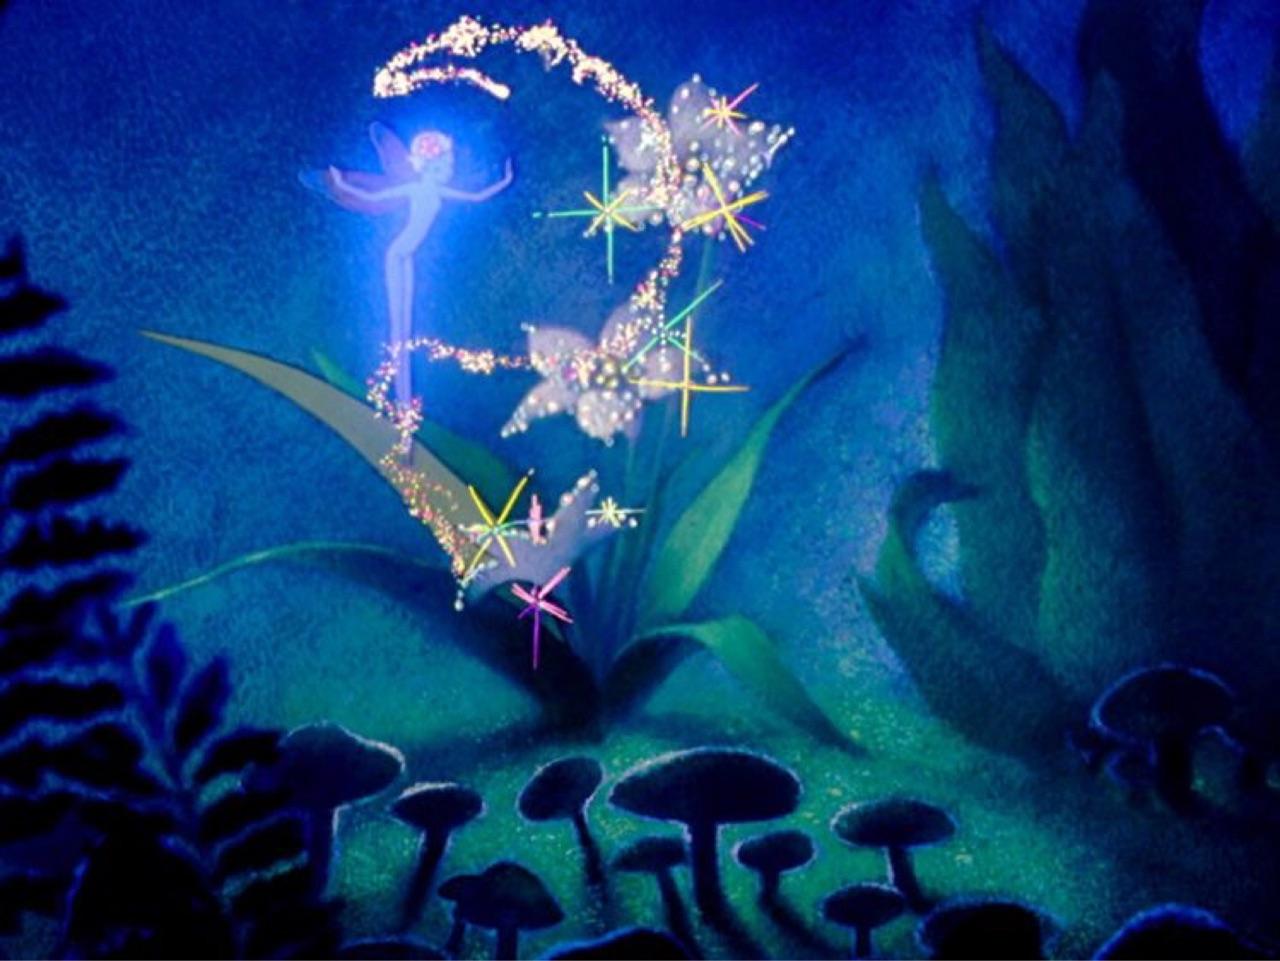 fairy and fantasia image